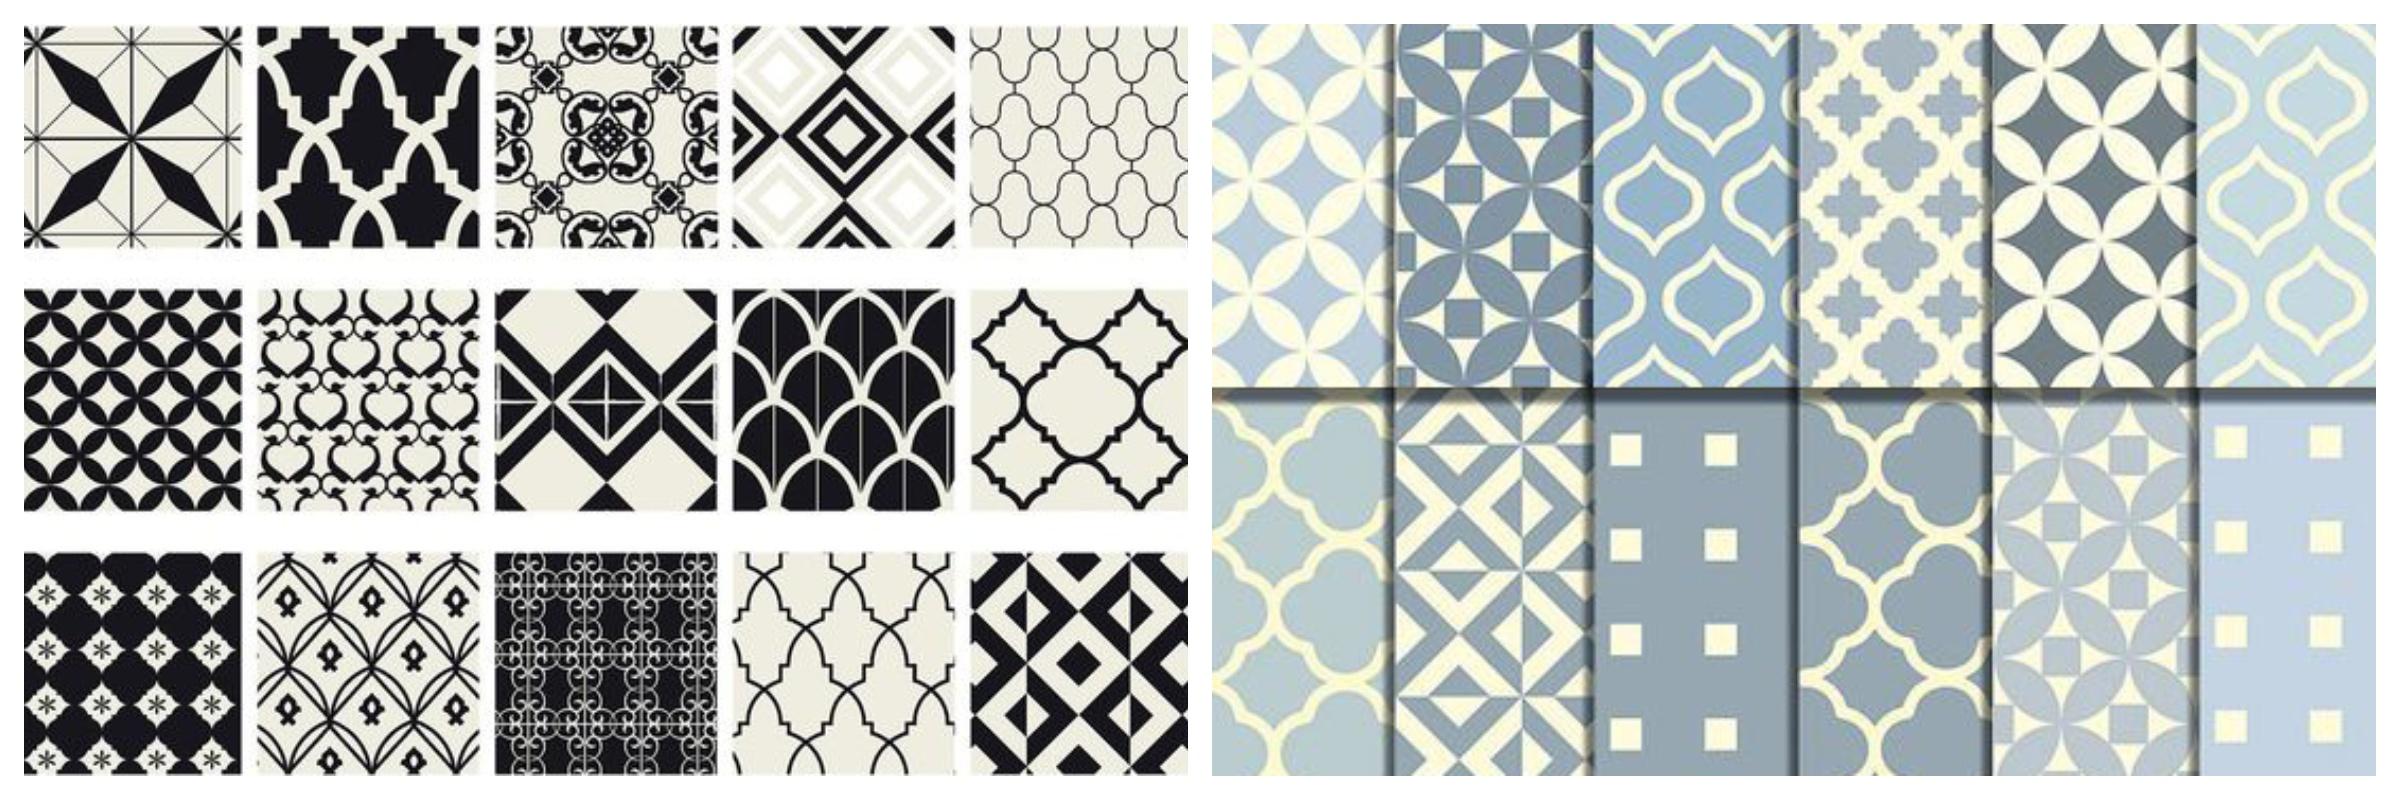 Marokańskie wzory na tkaninach